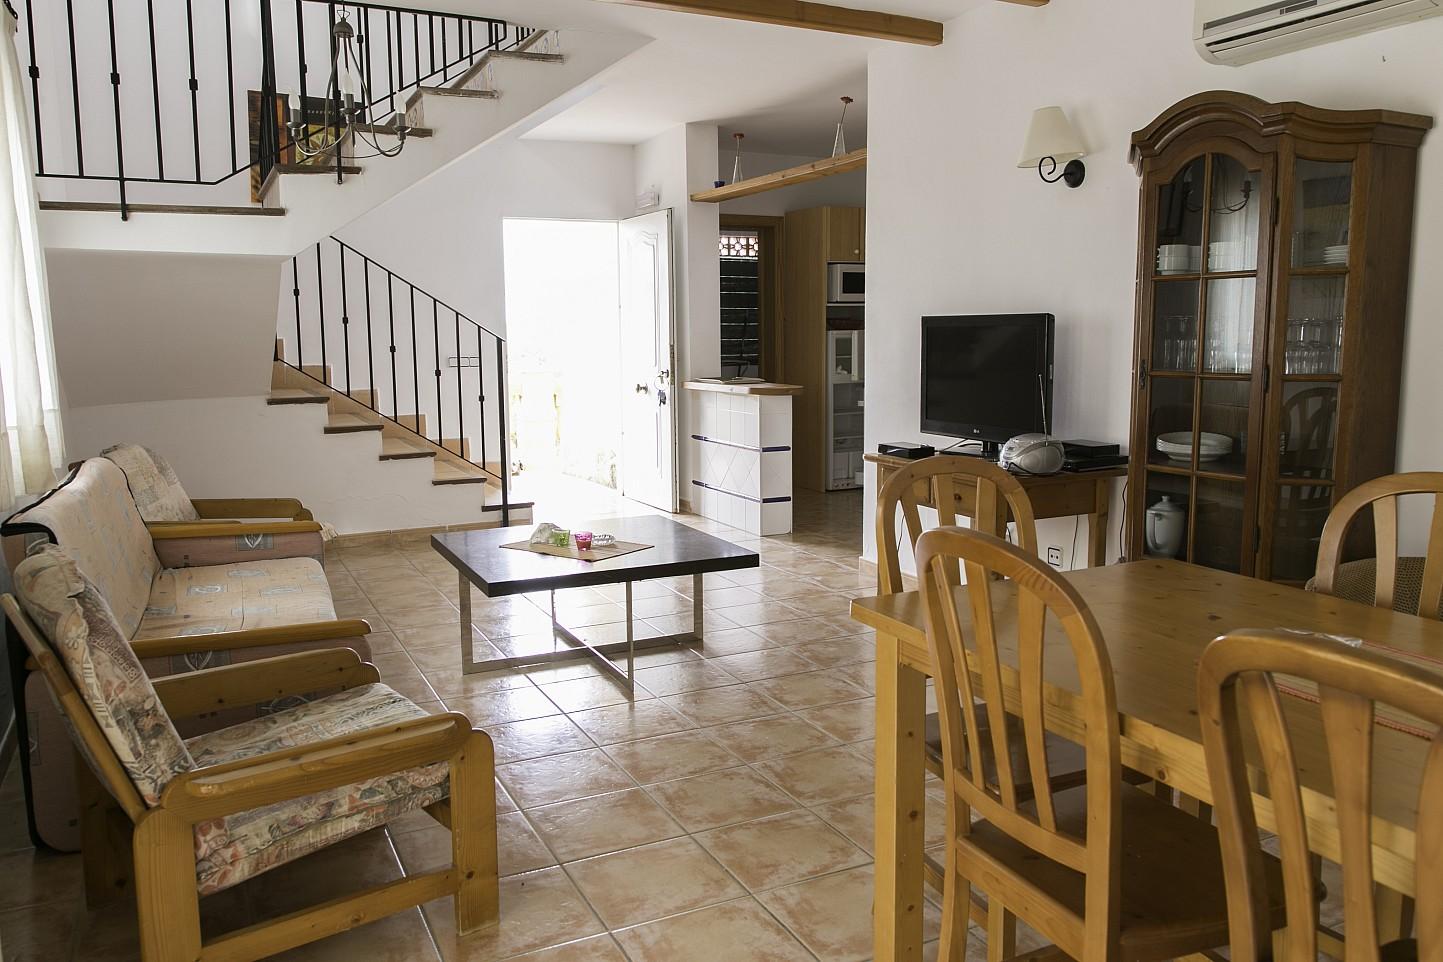 Accés al pis superior d'una casa en venda a Villas de Cala Romántica, Mallorca